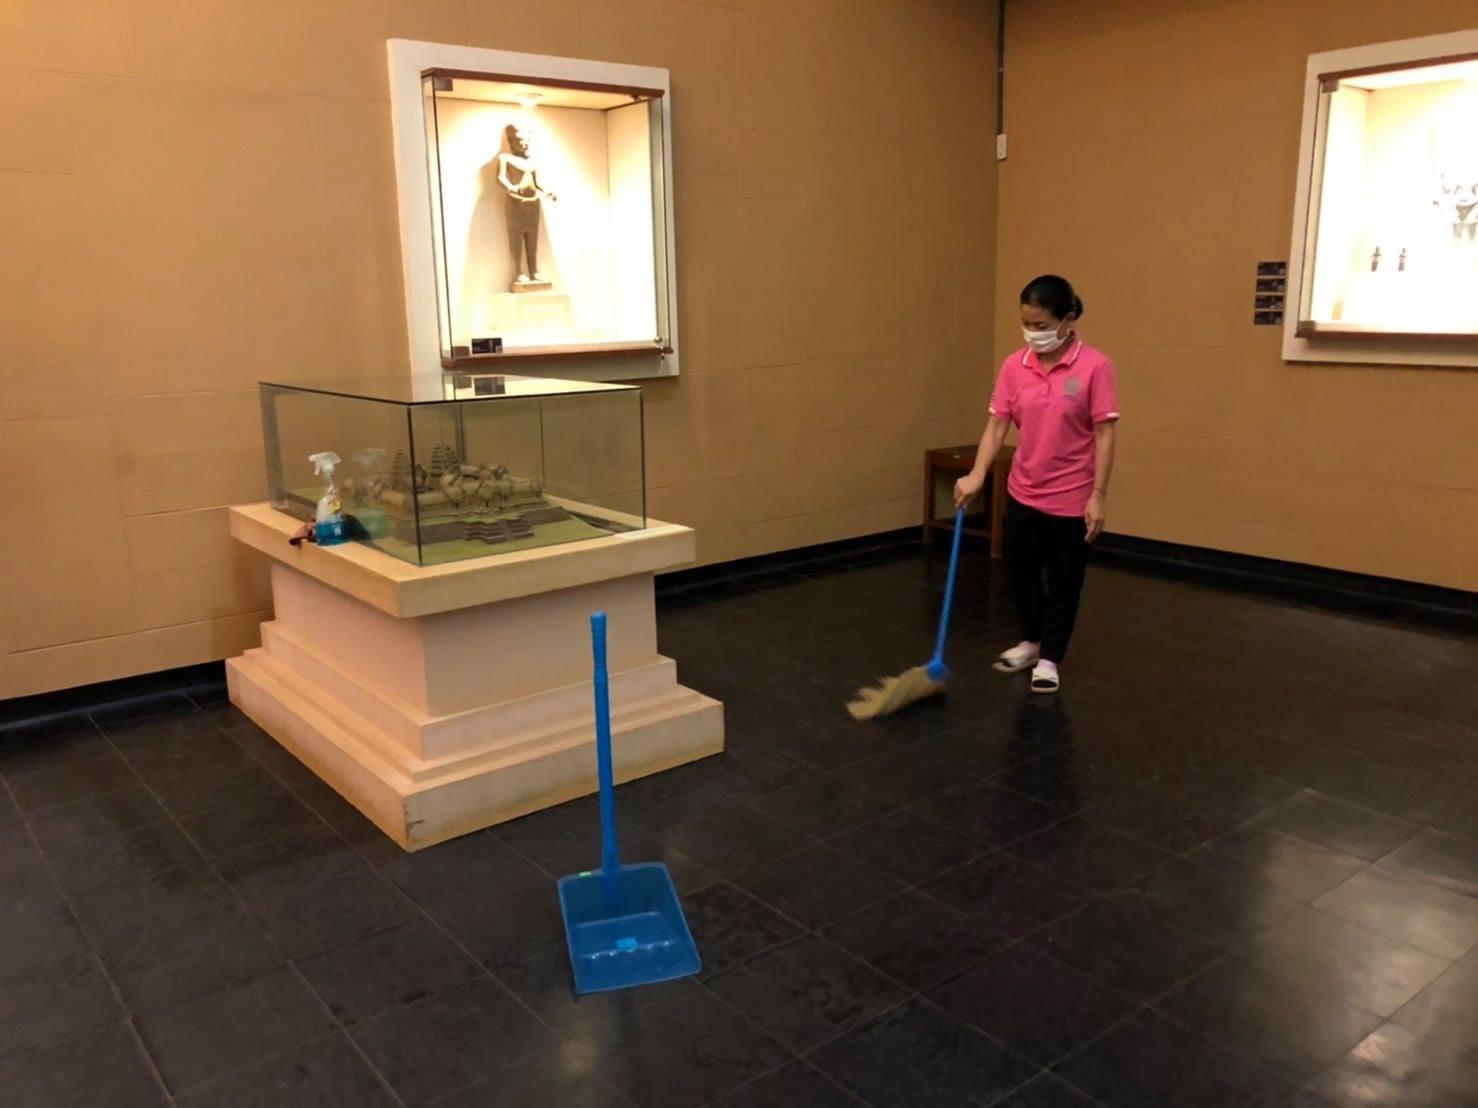 กิจกรรม   Cleaning Day   ประจำวันอาทิตย์ที่ ๒๗ มิถุนายน พ.ศ. ๒๕๖๔